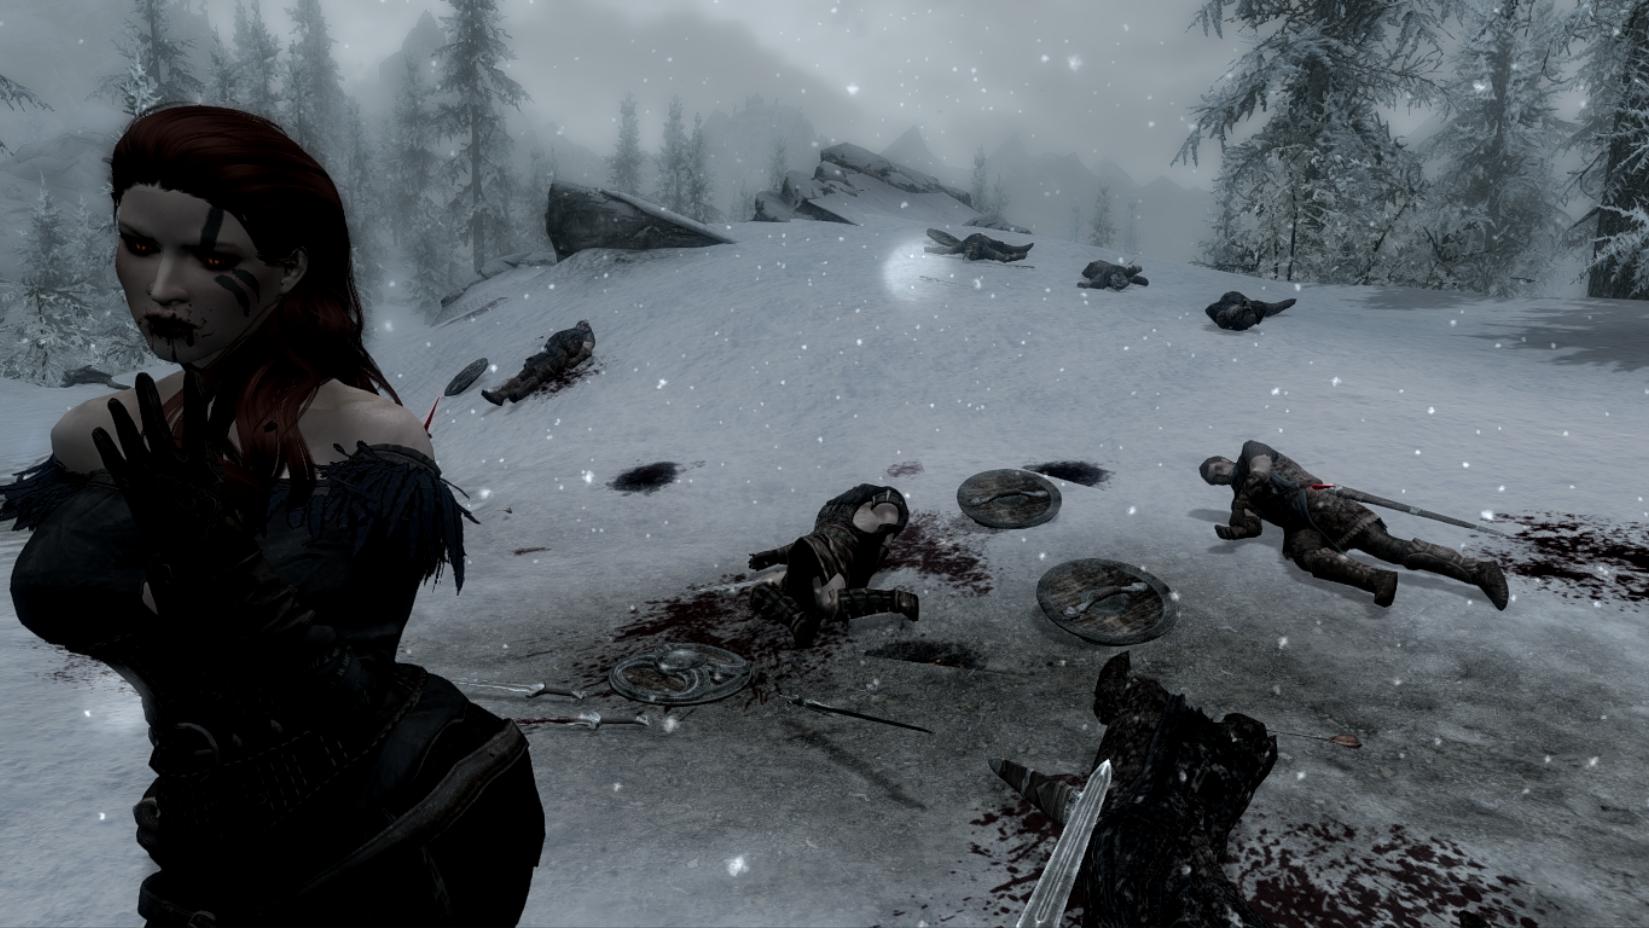 И кровь текла всю ночь, до самого утра! - Elder Scrolls 5: Skyrim, the